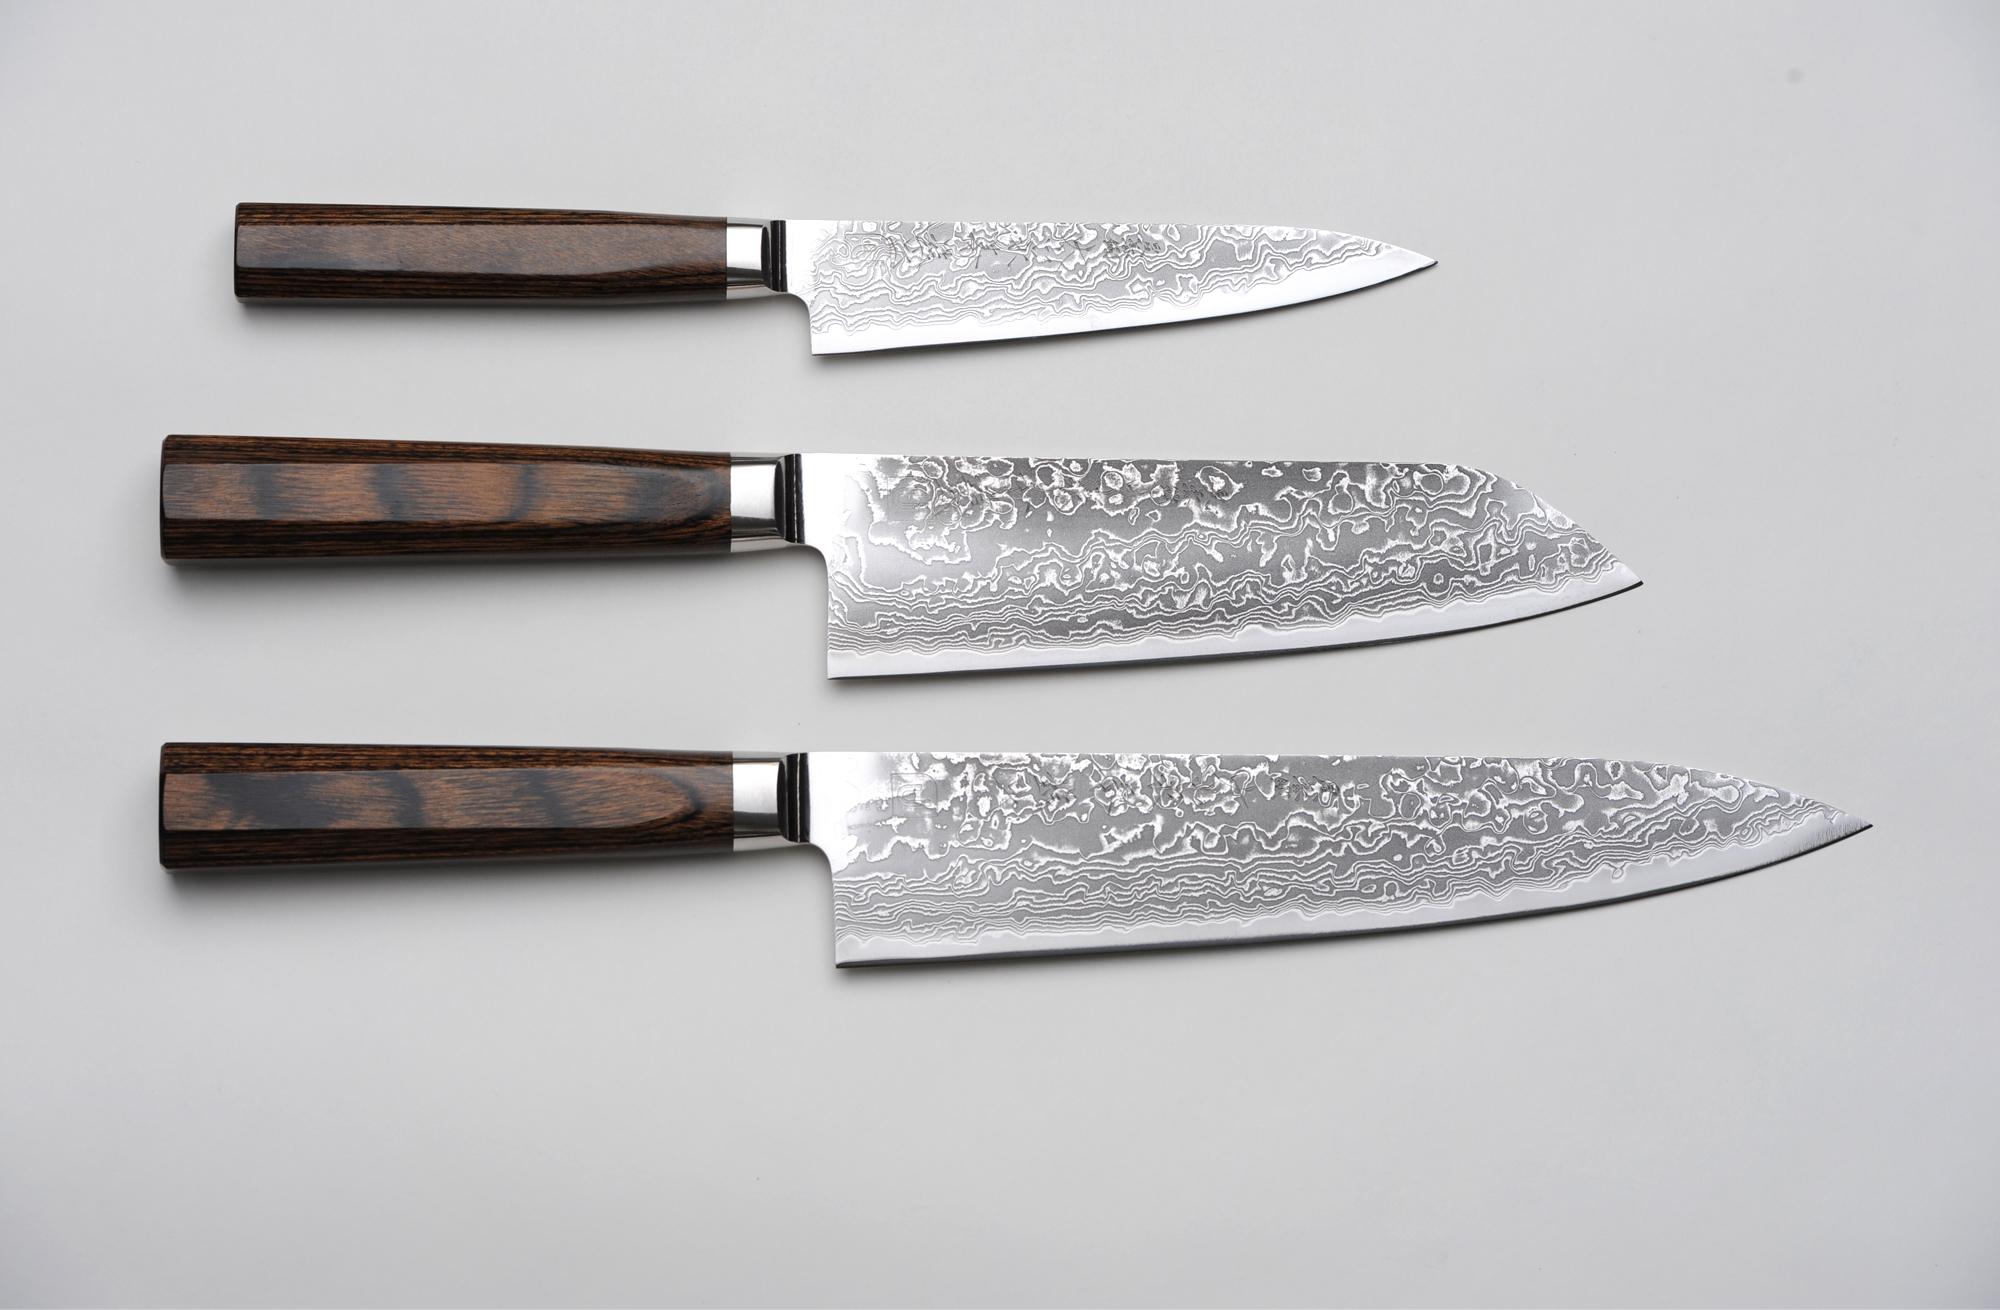 Kitchen knife sets photo - 1